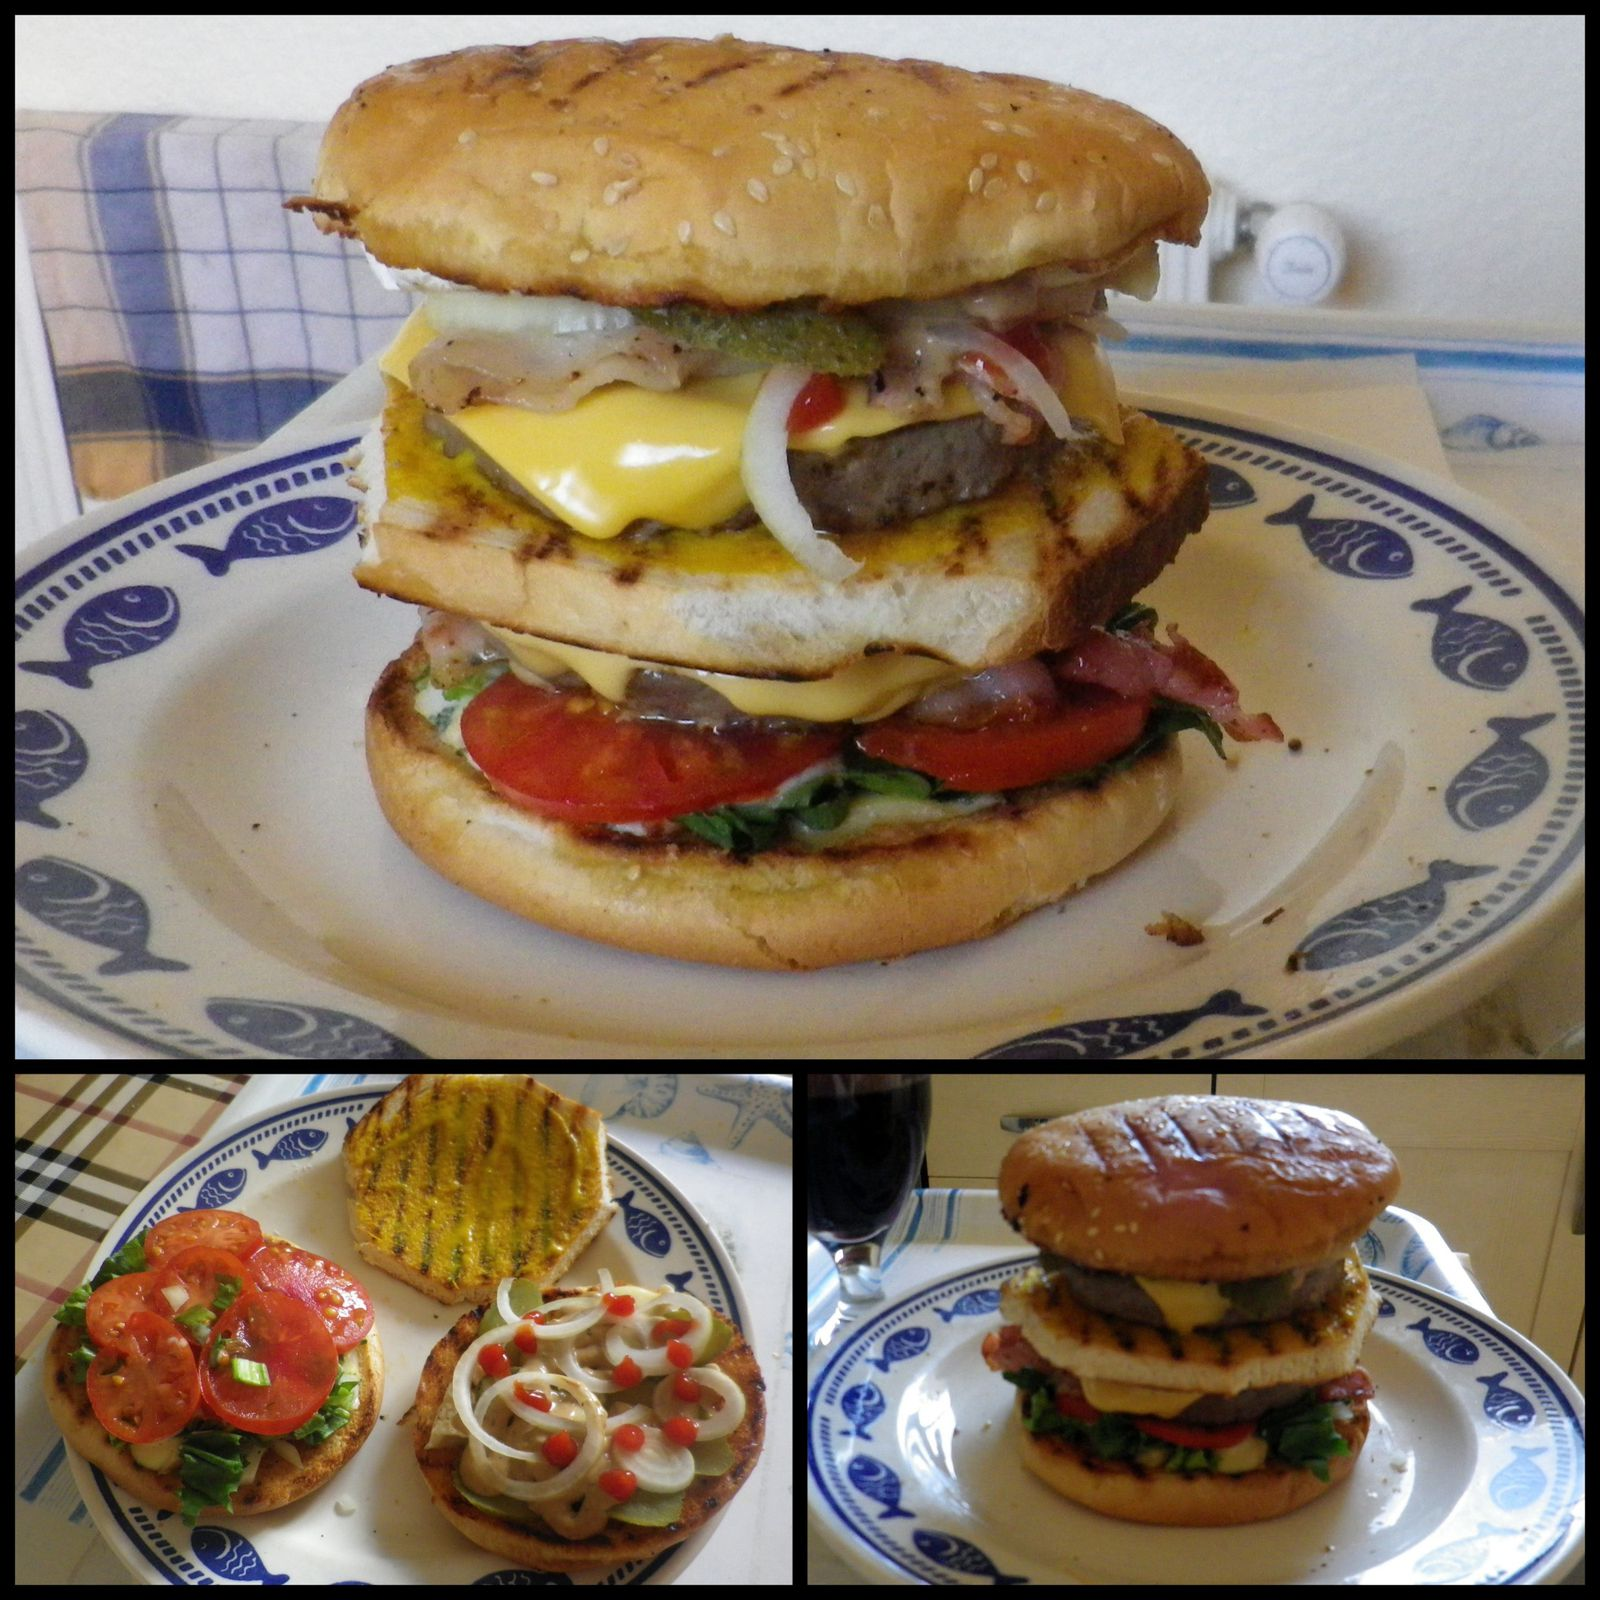 Hummmmm, les Bons Burgers Maison fait par mon cher mari.... Avec tomates et salades du jardin !